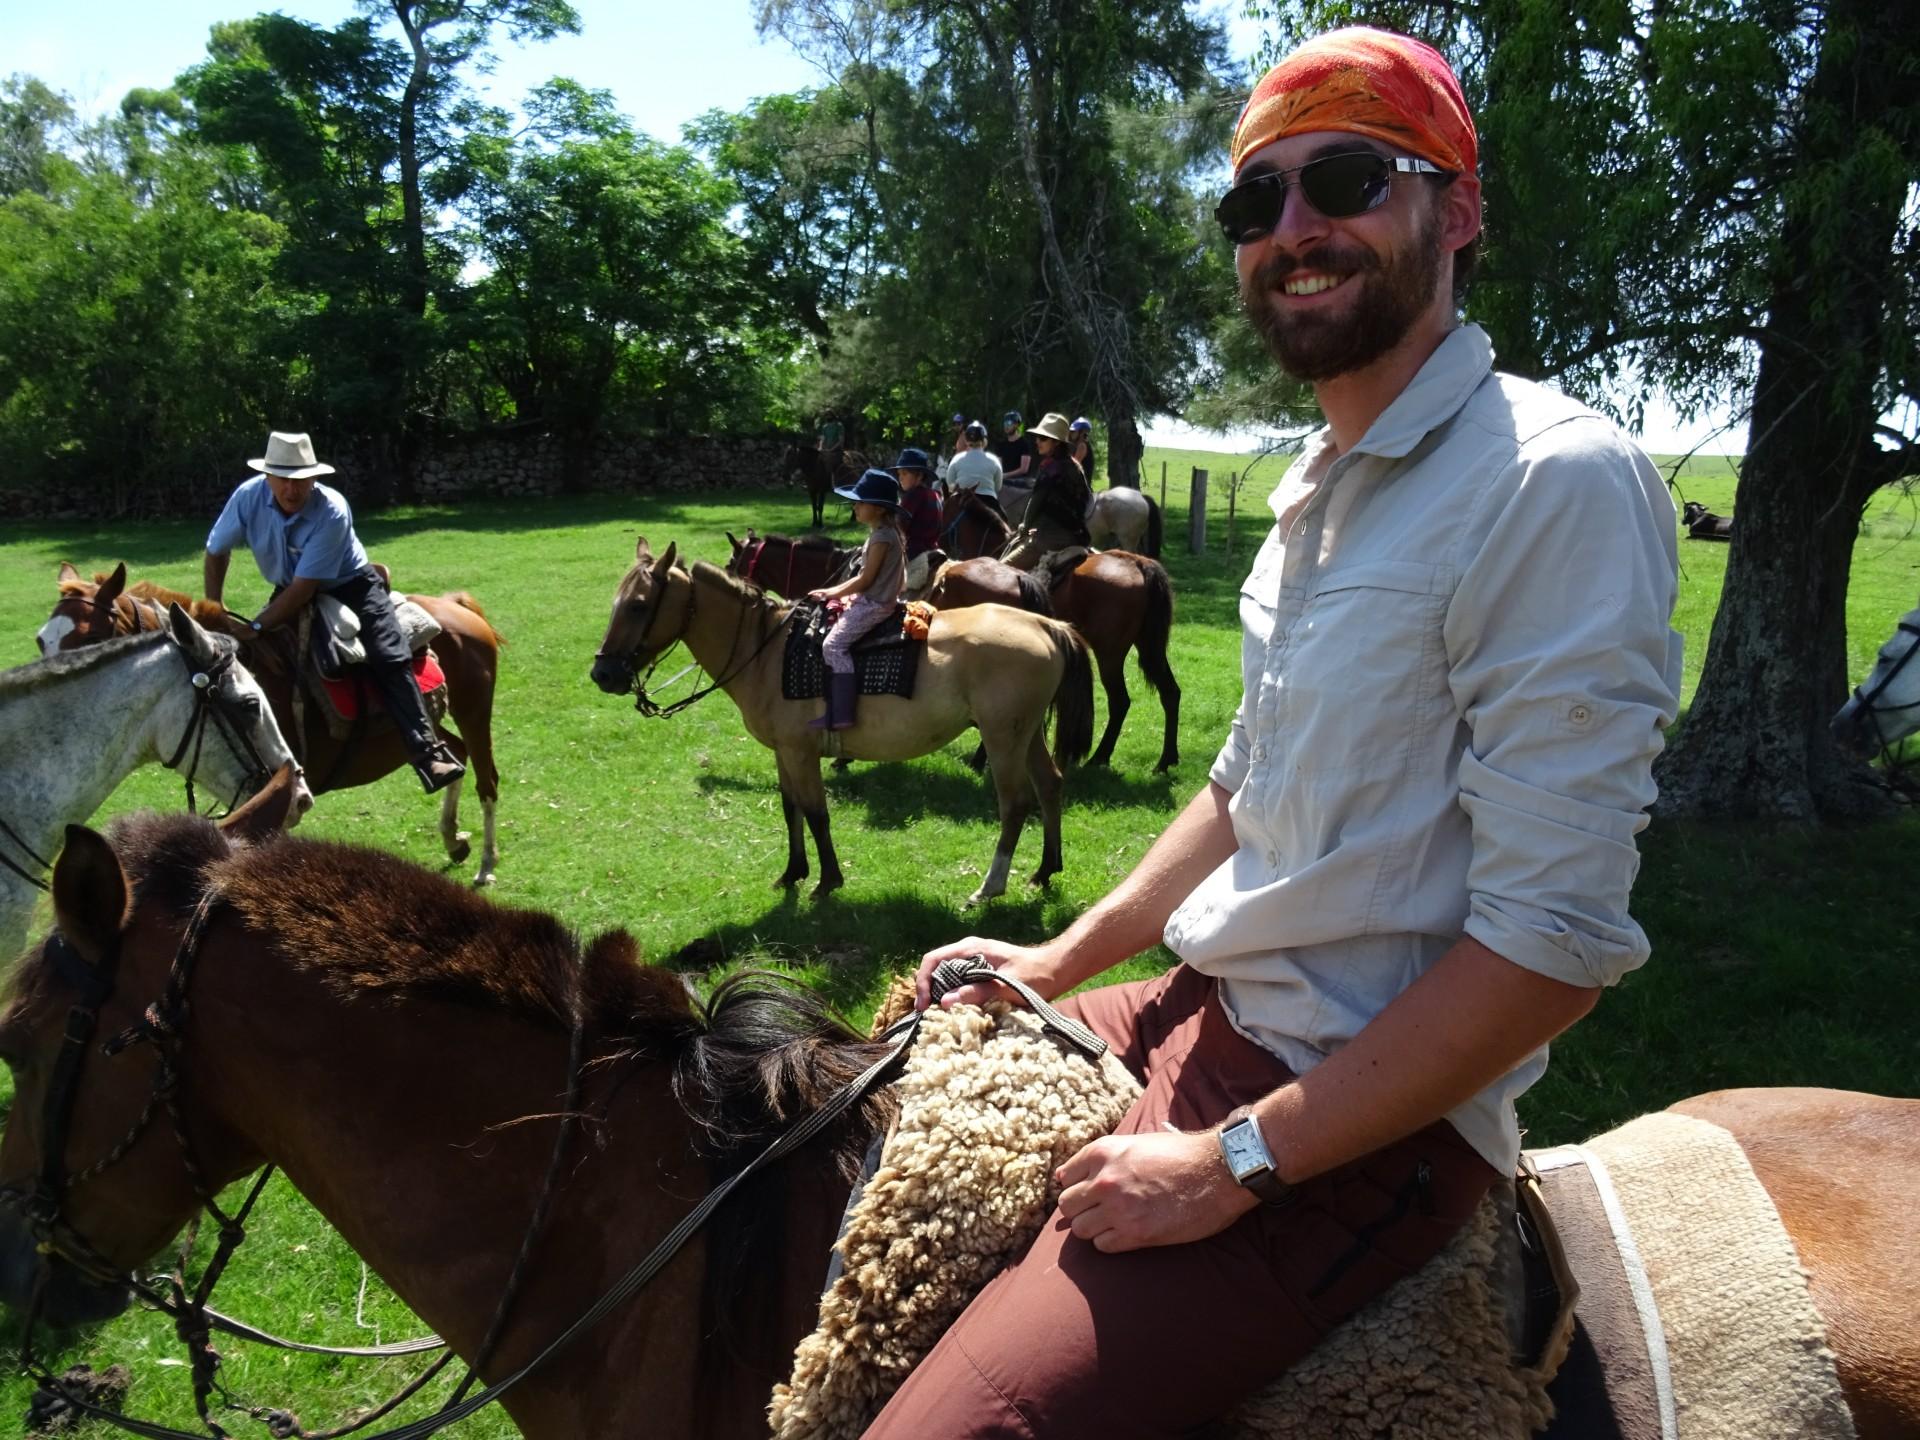 Meet Doug - Possible expert horserider.